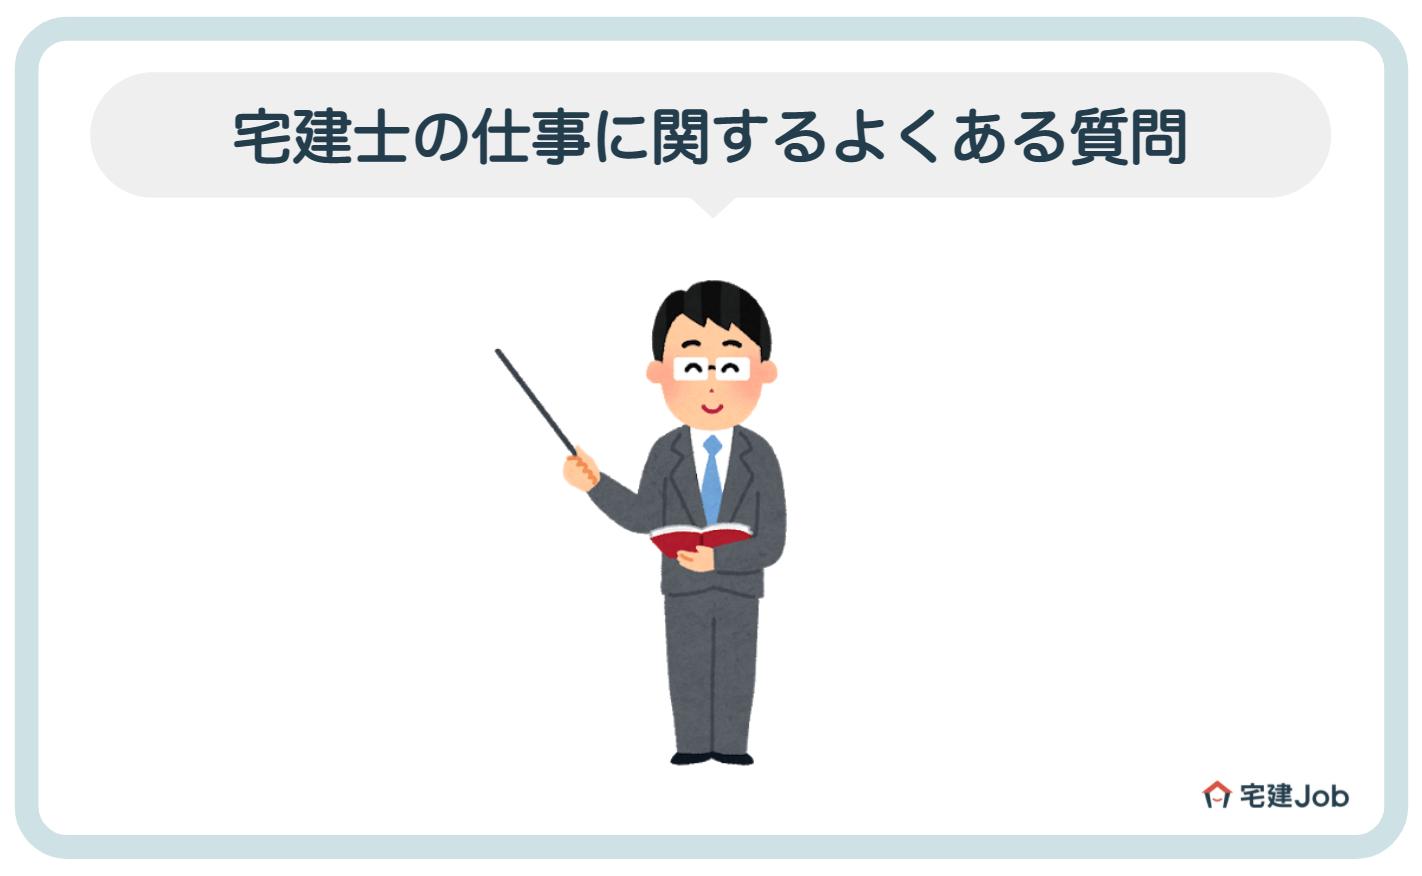 2.宅建士の仕事に関するよくある質問【きつい?】